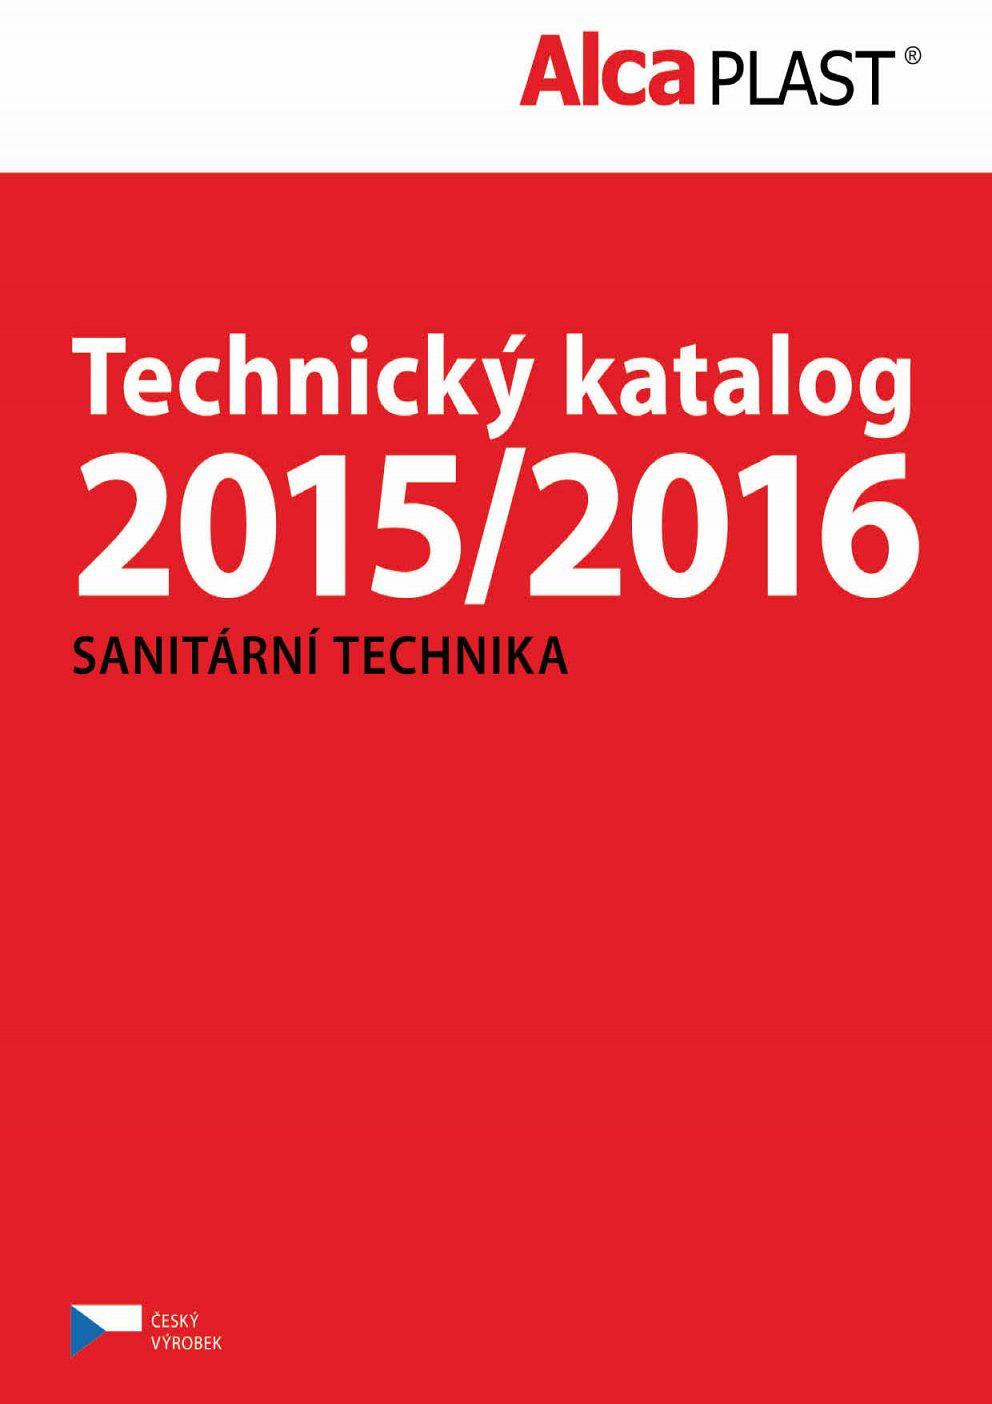 AlcaPlast - Technický katalóg 2015-2016